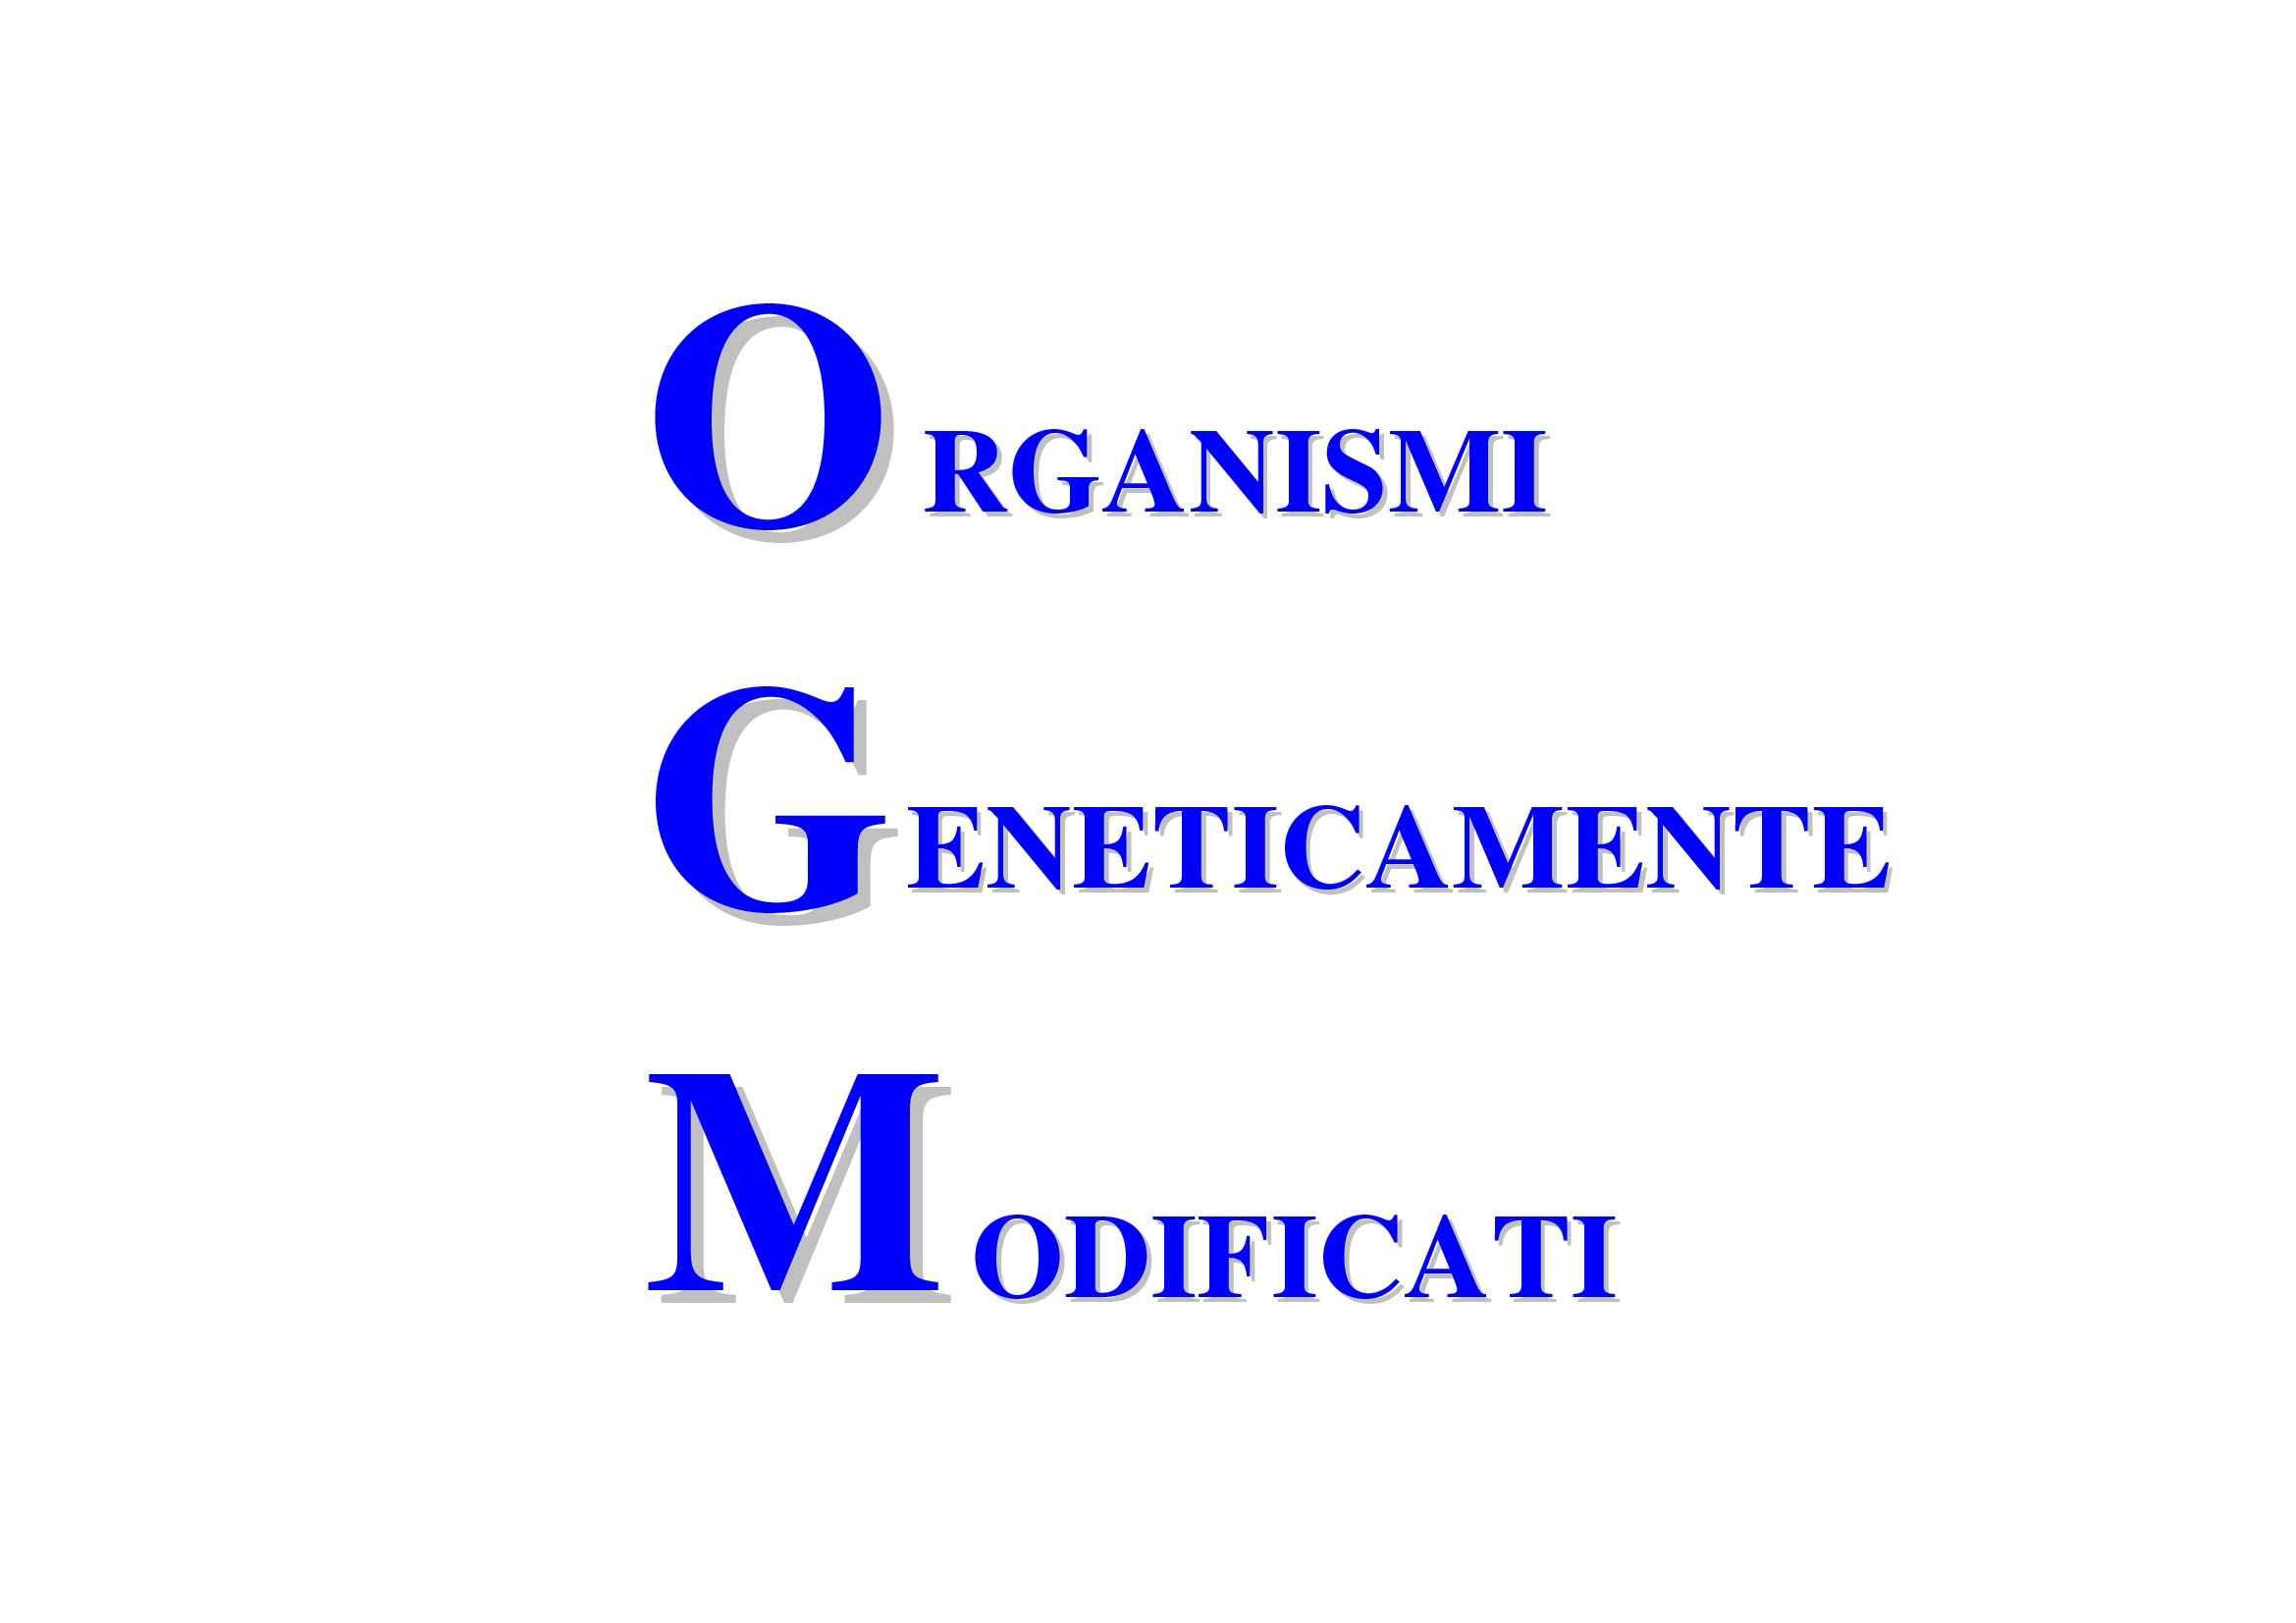 OGM - Organismi geneticamente modificati